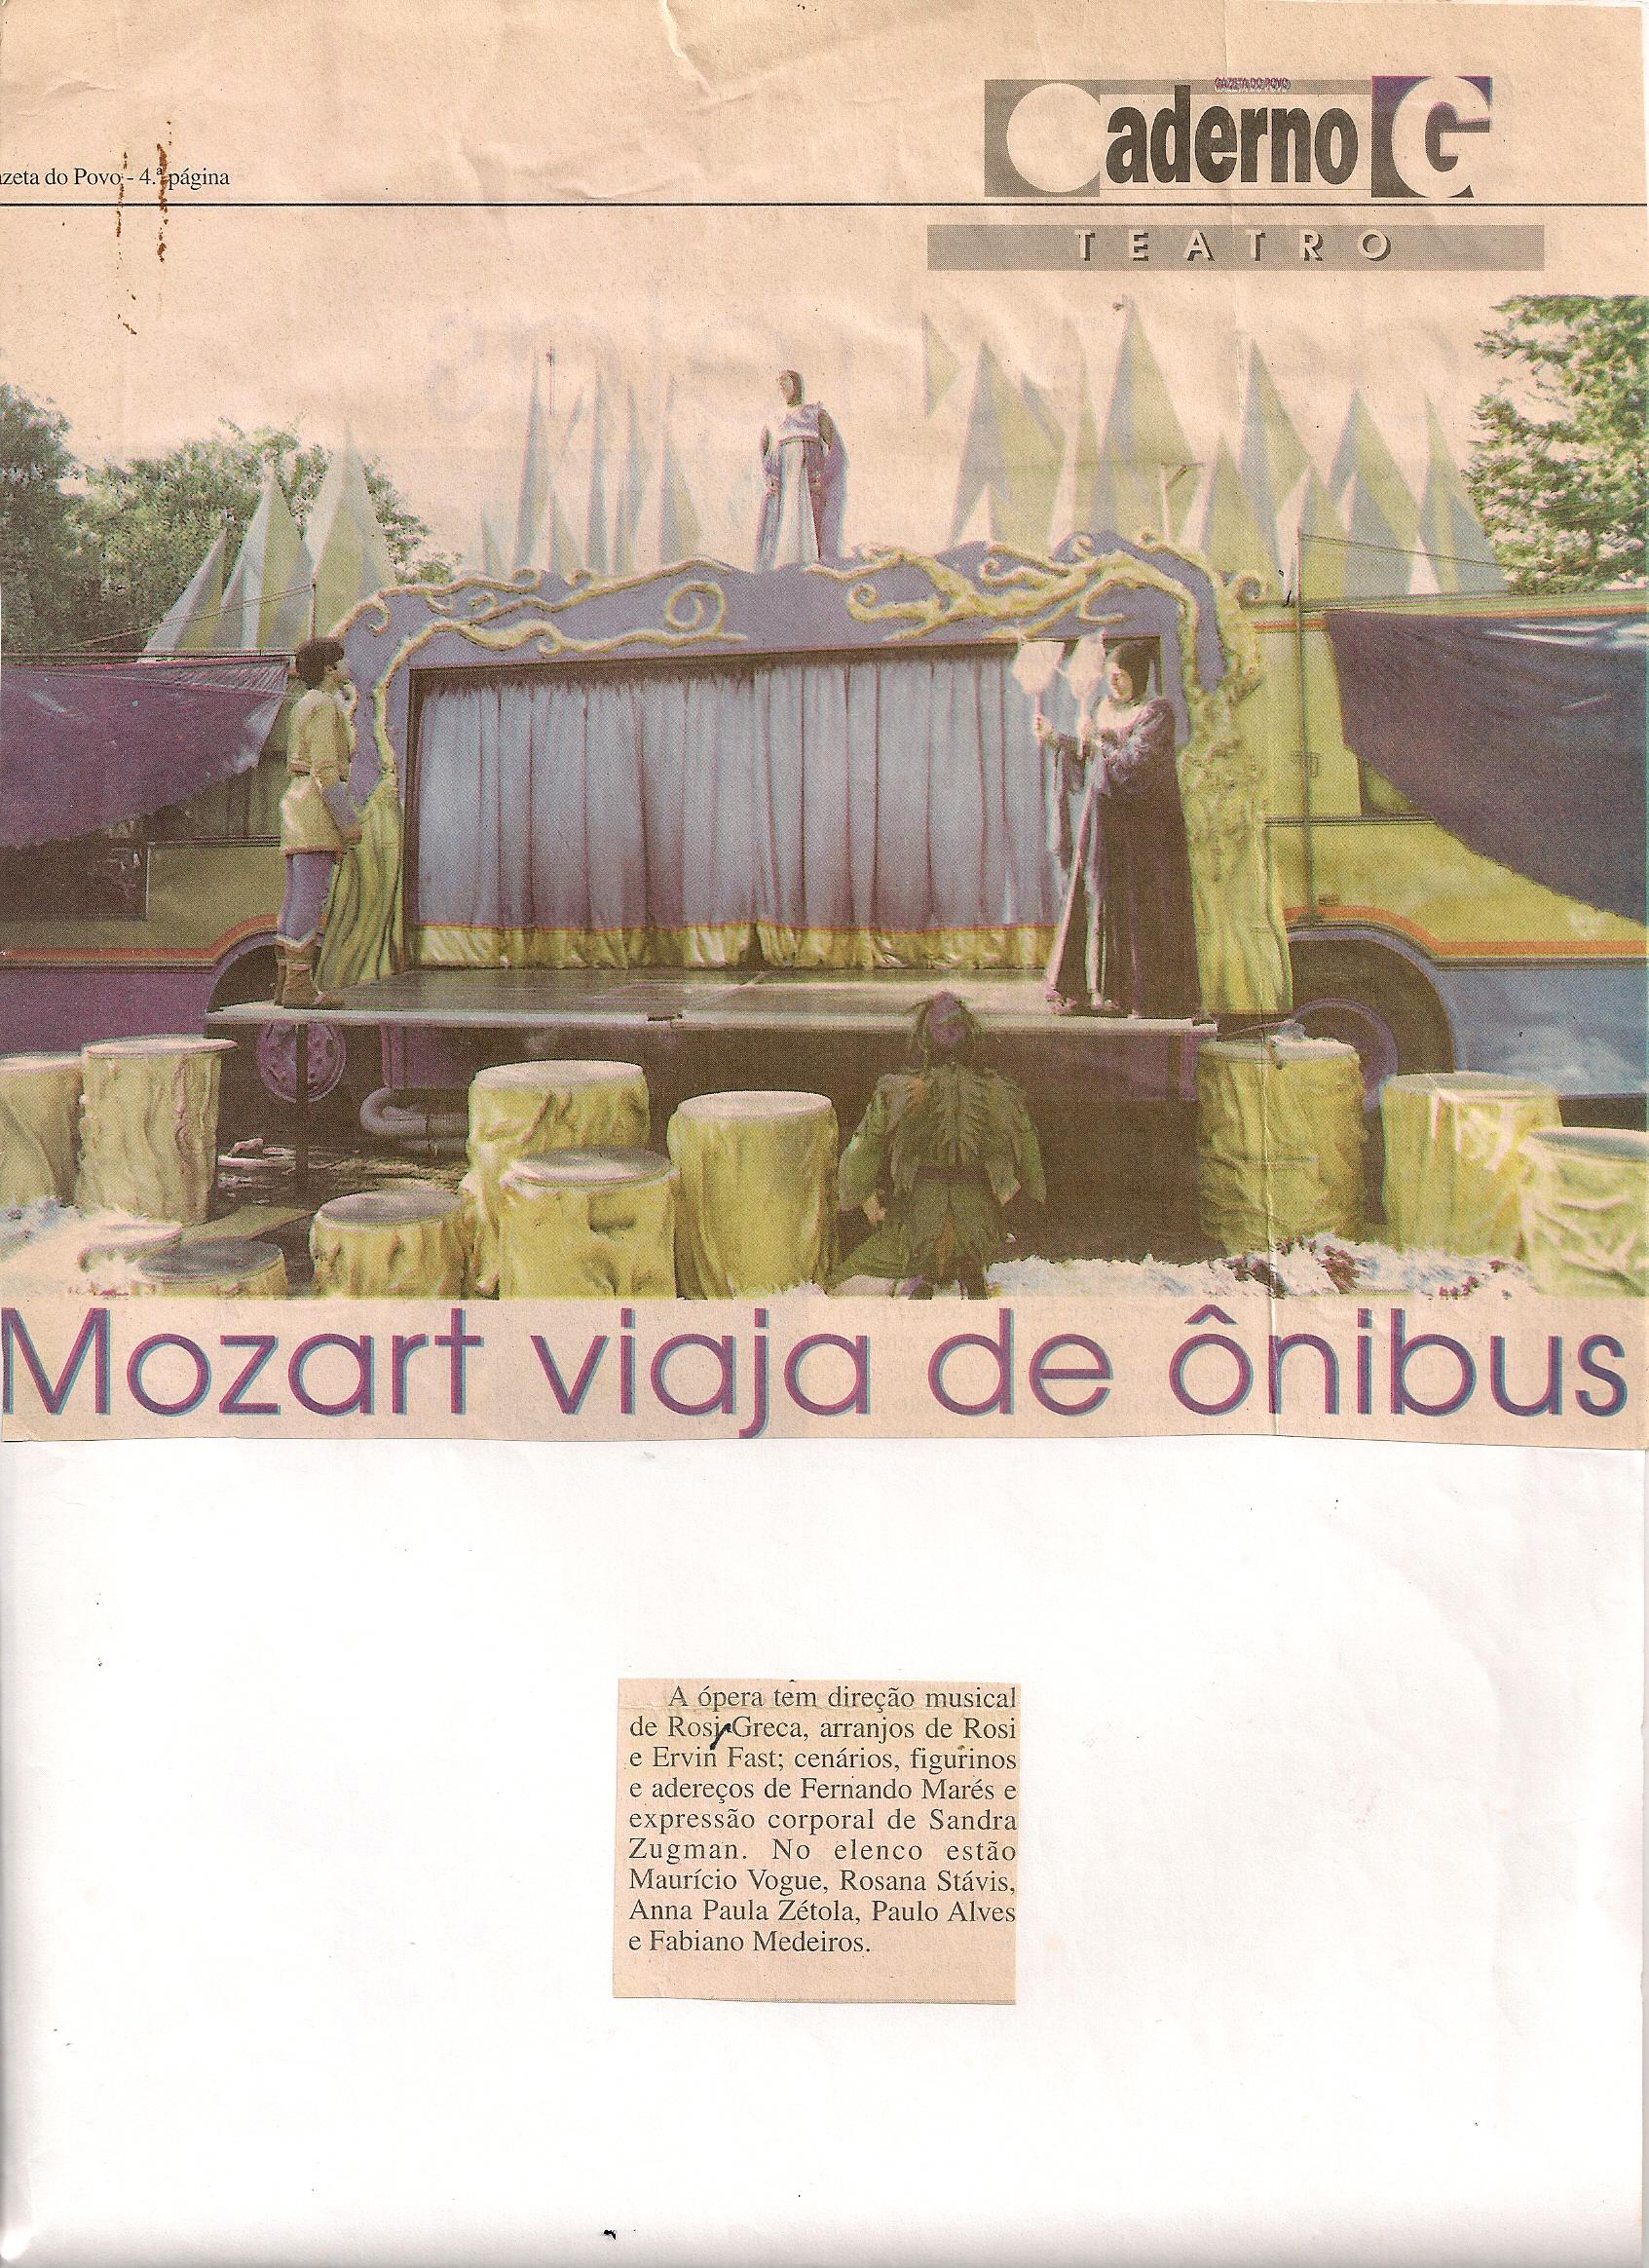 Mozart viaja de ônibus